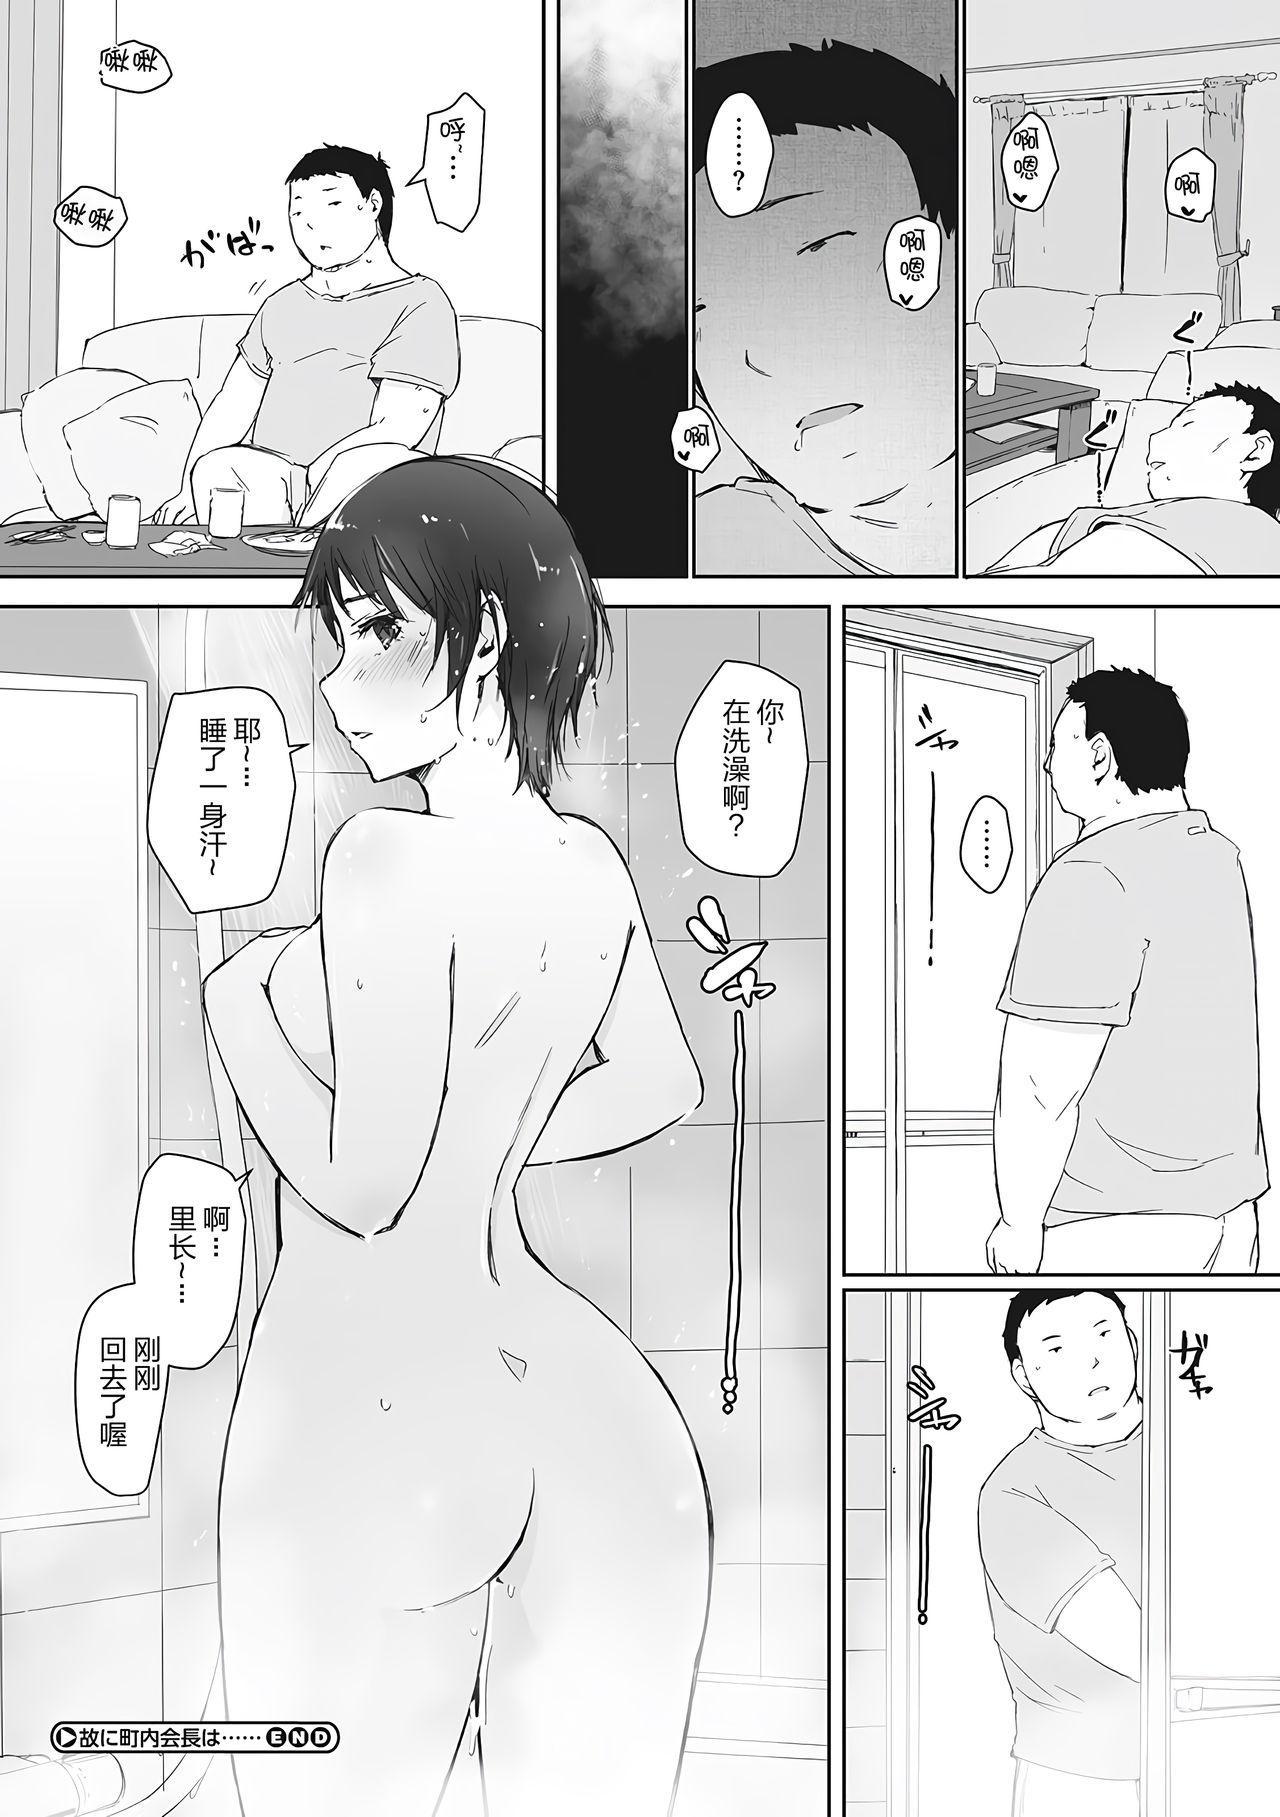 Yue ni Hitozuma wa Netorareta. 231